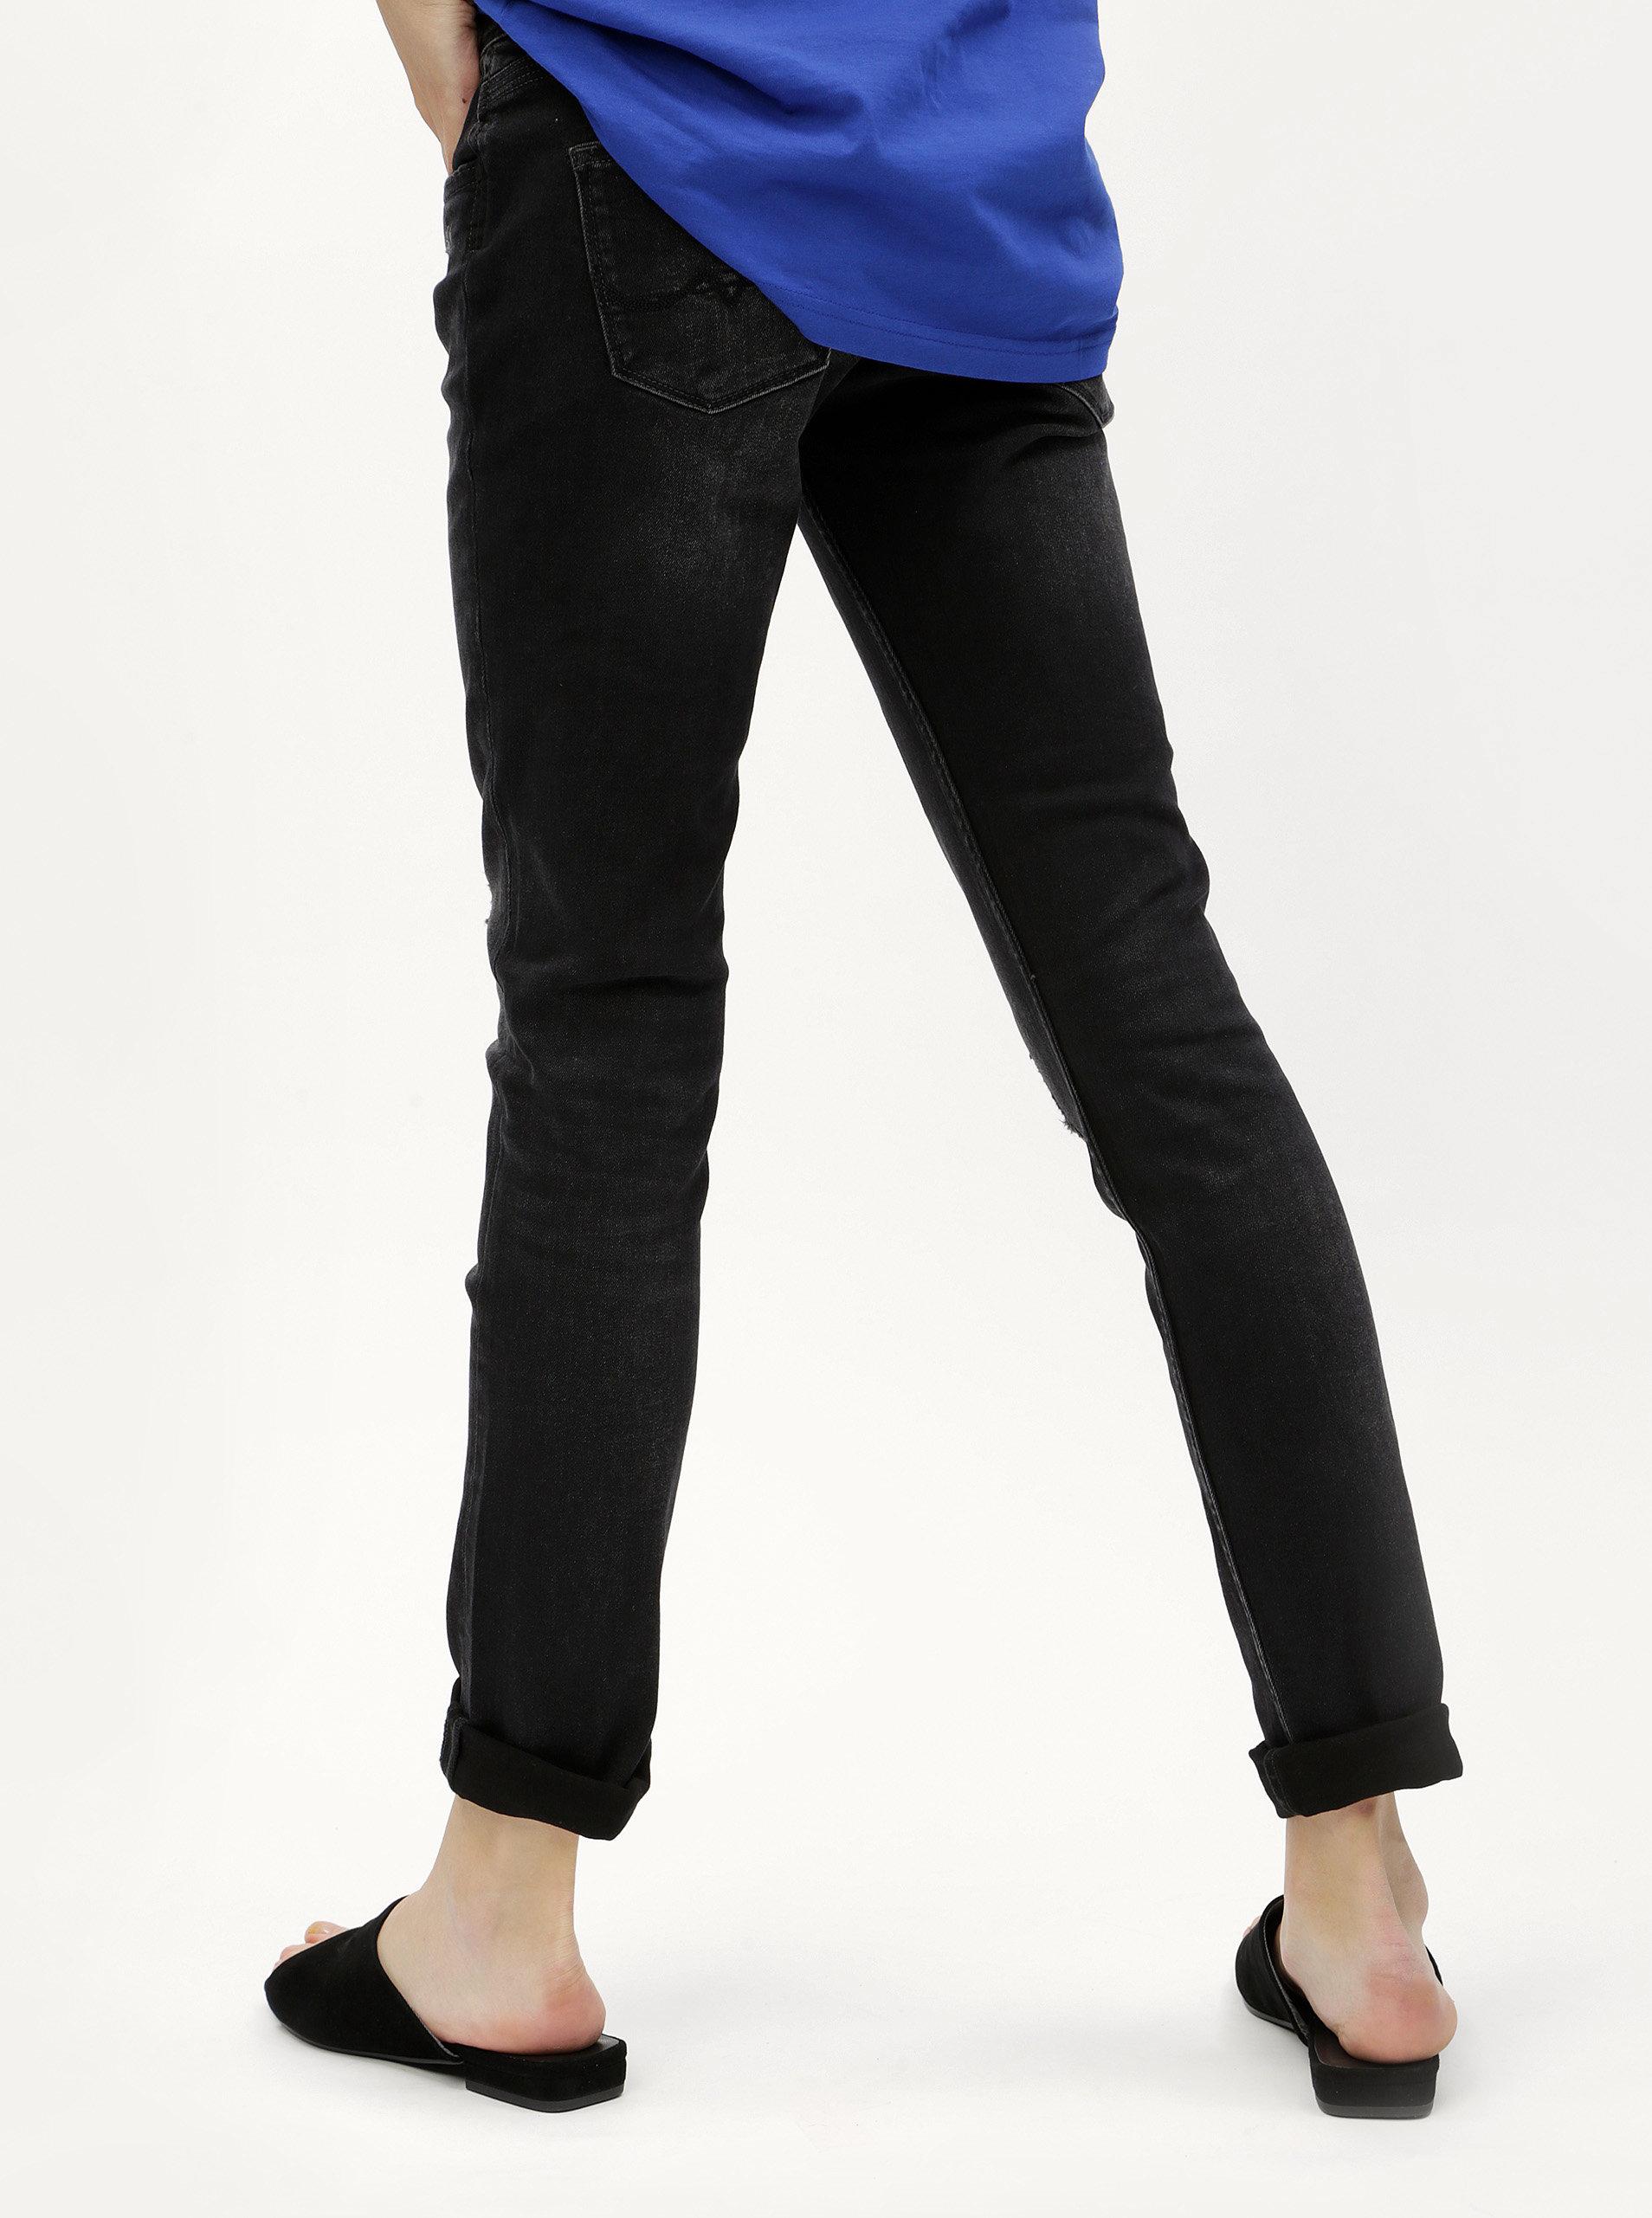 Černé dámské slim džíny s potrhaným efektem Pepe Jeans Vera ... 5e65e1d45a